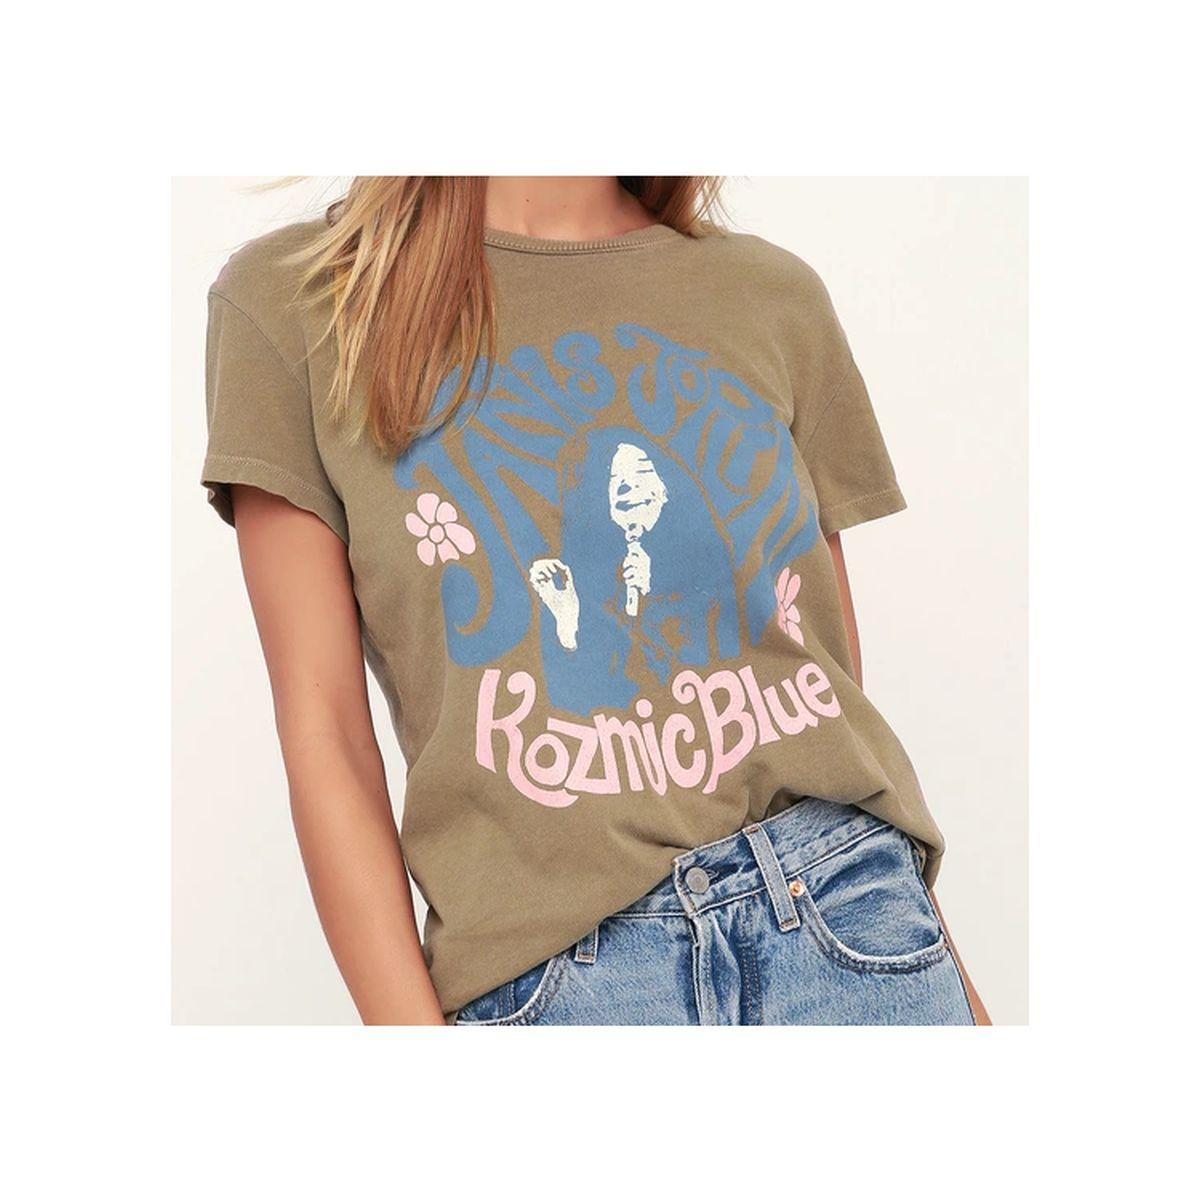 Janis Joplin Kozmic Blues Olive Green T-shirt